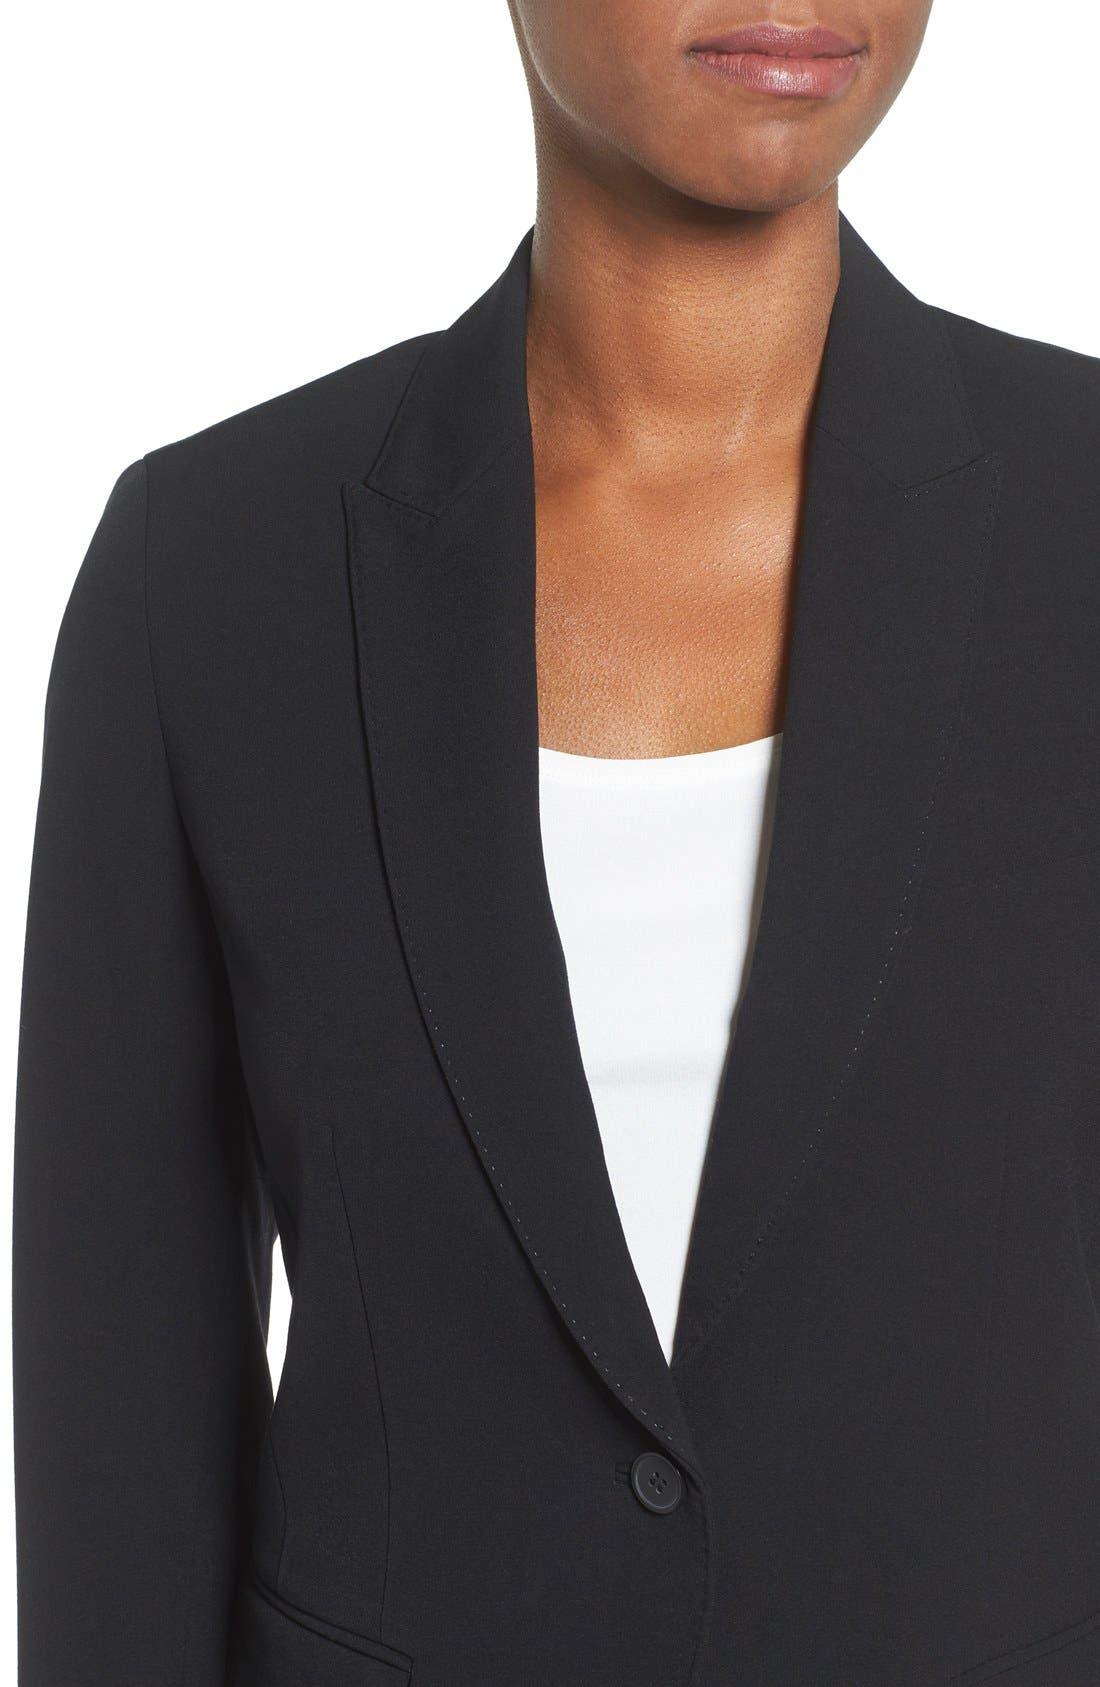 ANNE KLEIN, One-Button Suit Jacket, Alternate thumbnail 4, color, 001